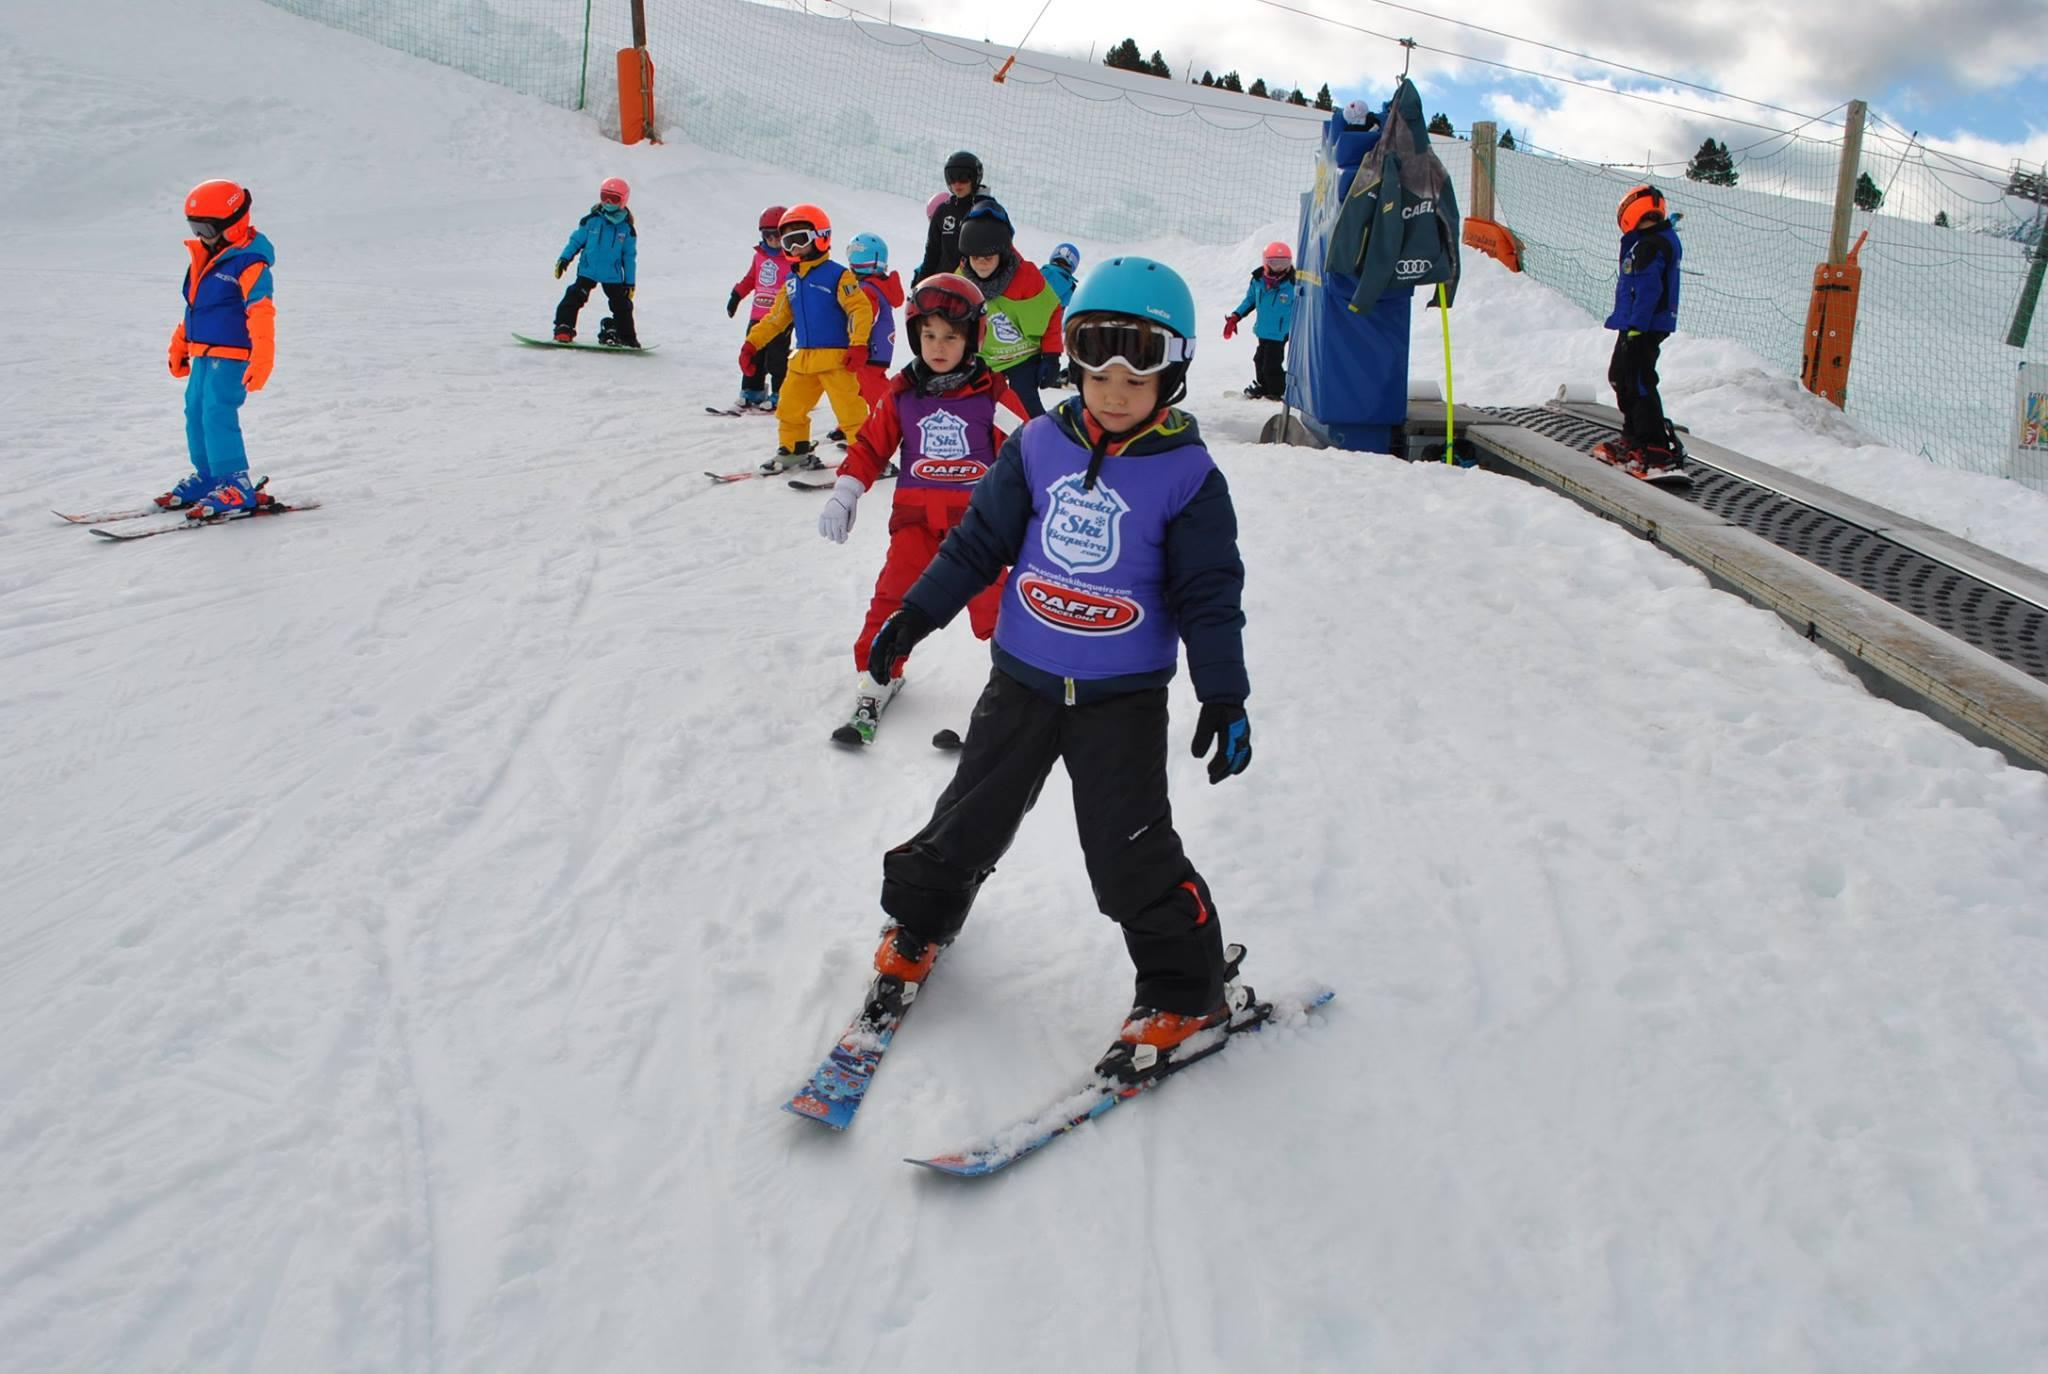 Clases de esquí para niños (4-17 años)